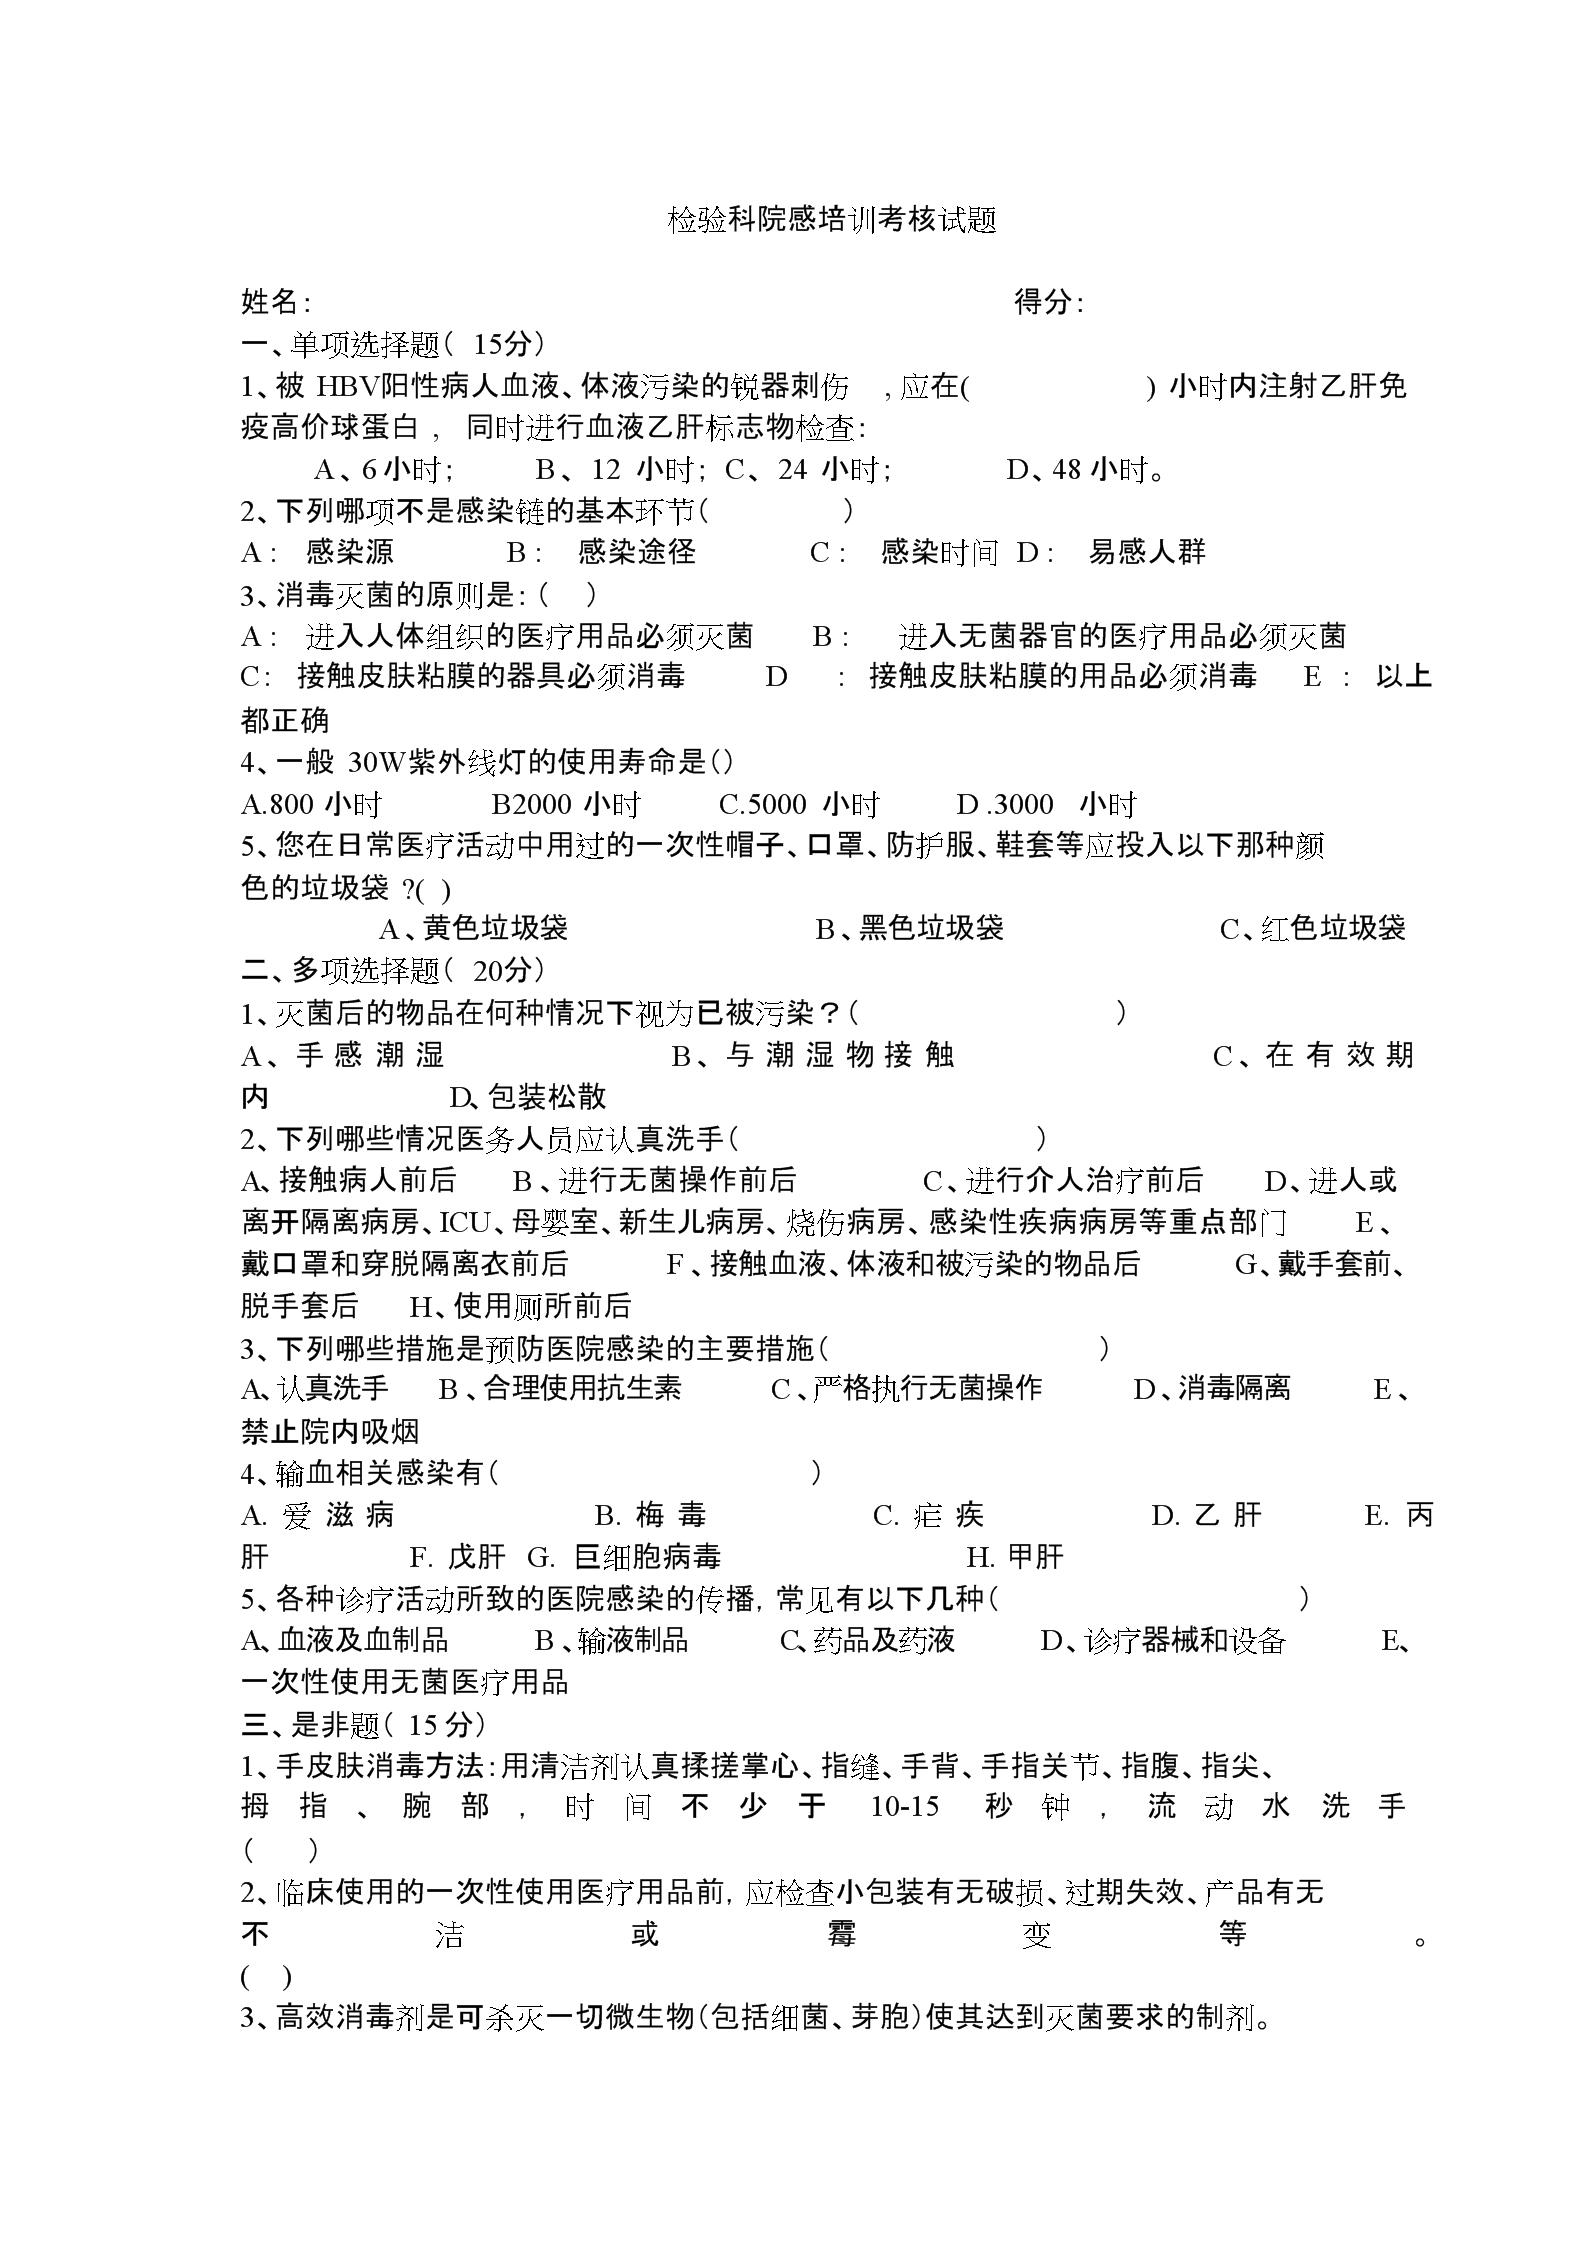 检验科院感考试(含答案)(4).docx